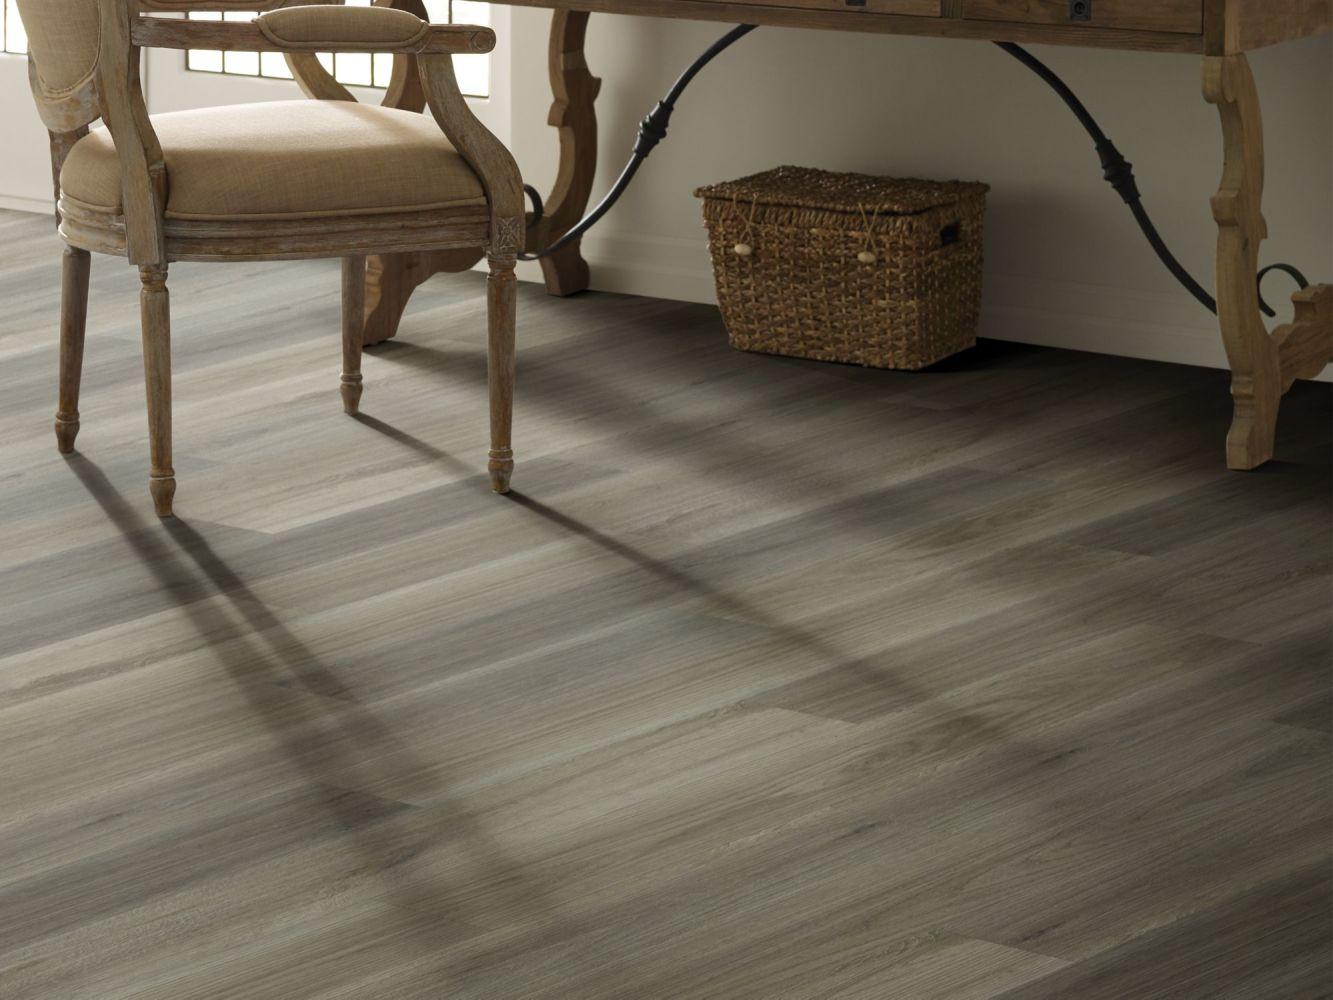 Shaw Floors Resilient Residential Ethereal Oaks Drift 05100_3054V